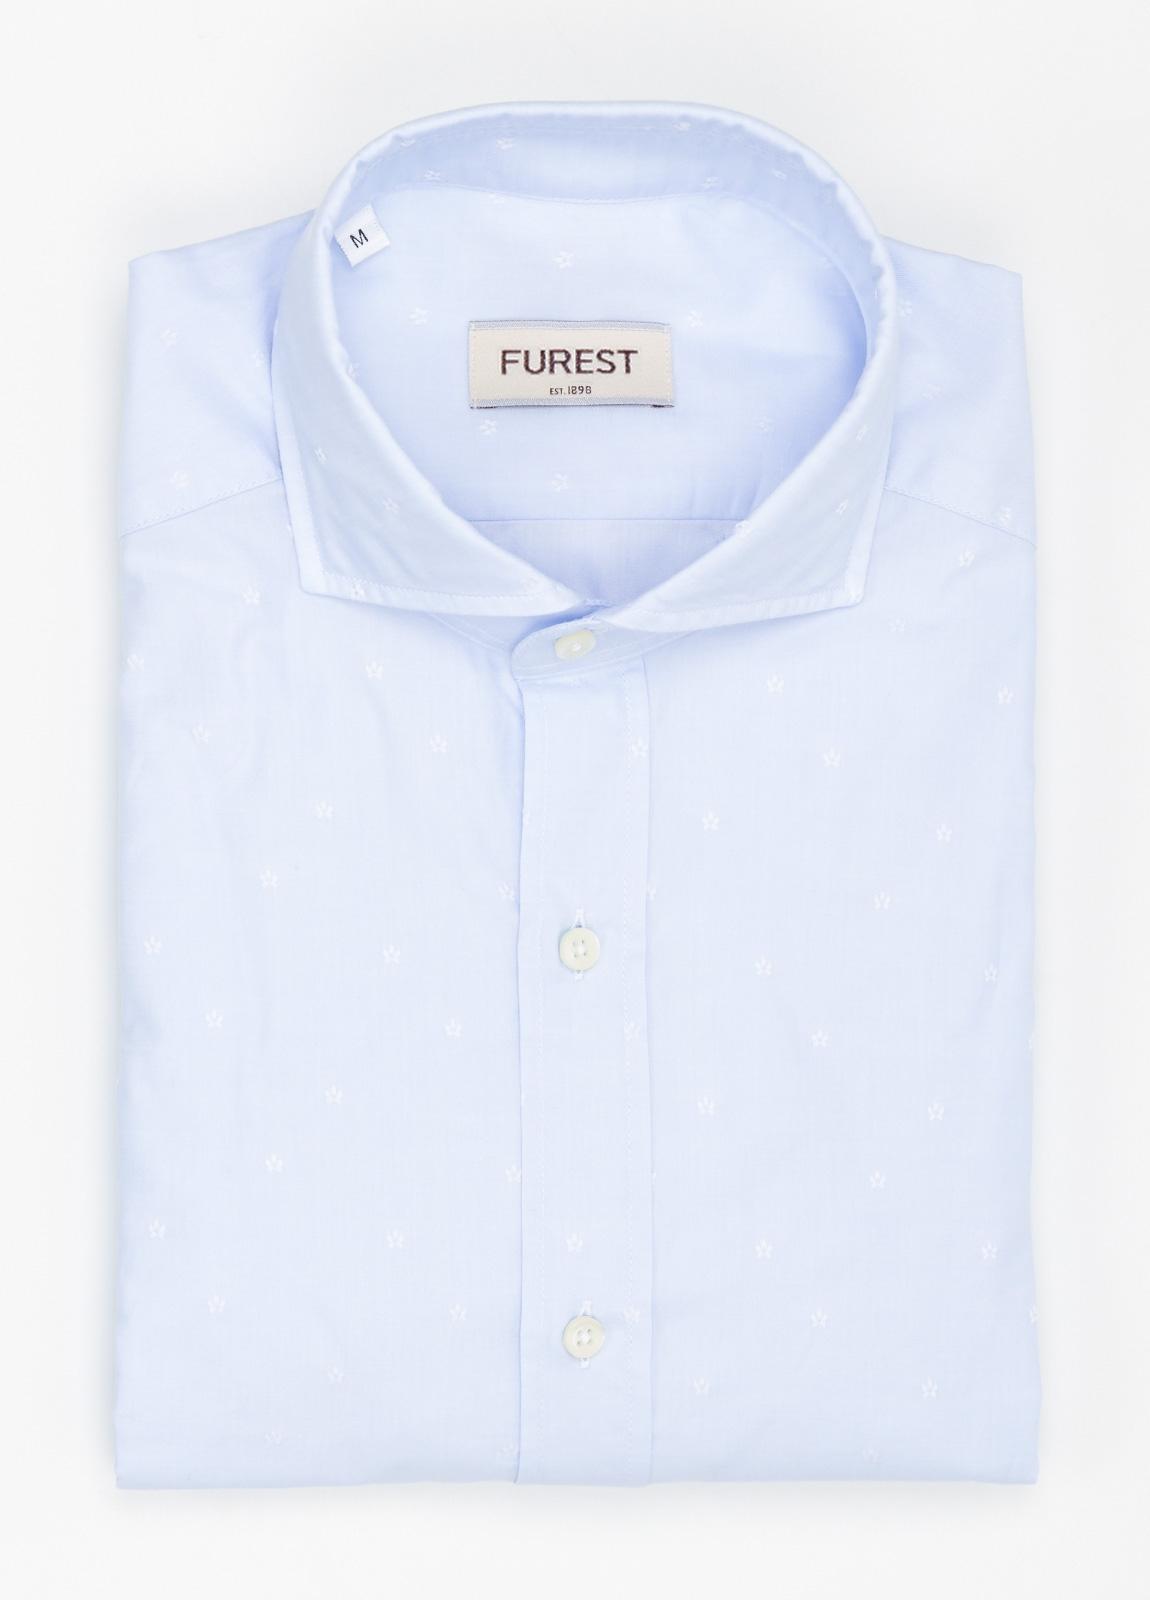 Camisa Leisure Wear SLIM FIT Modelo CAPRI estampado micro flor color azul celeste, 100% Algodón. - Ítem1